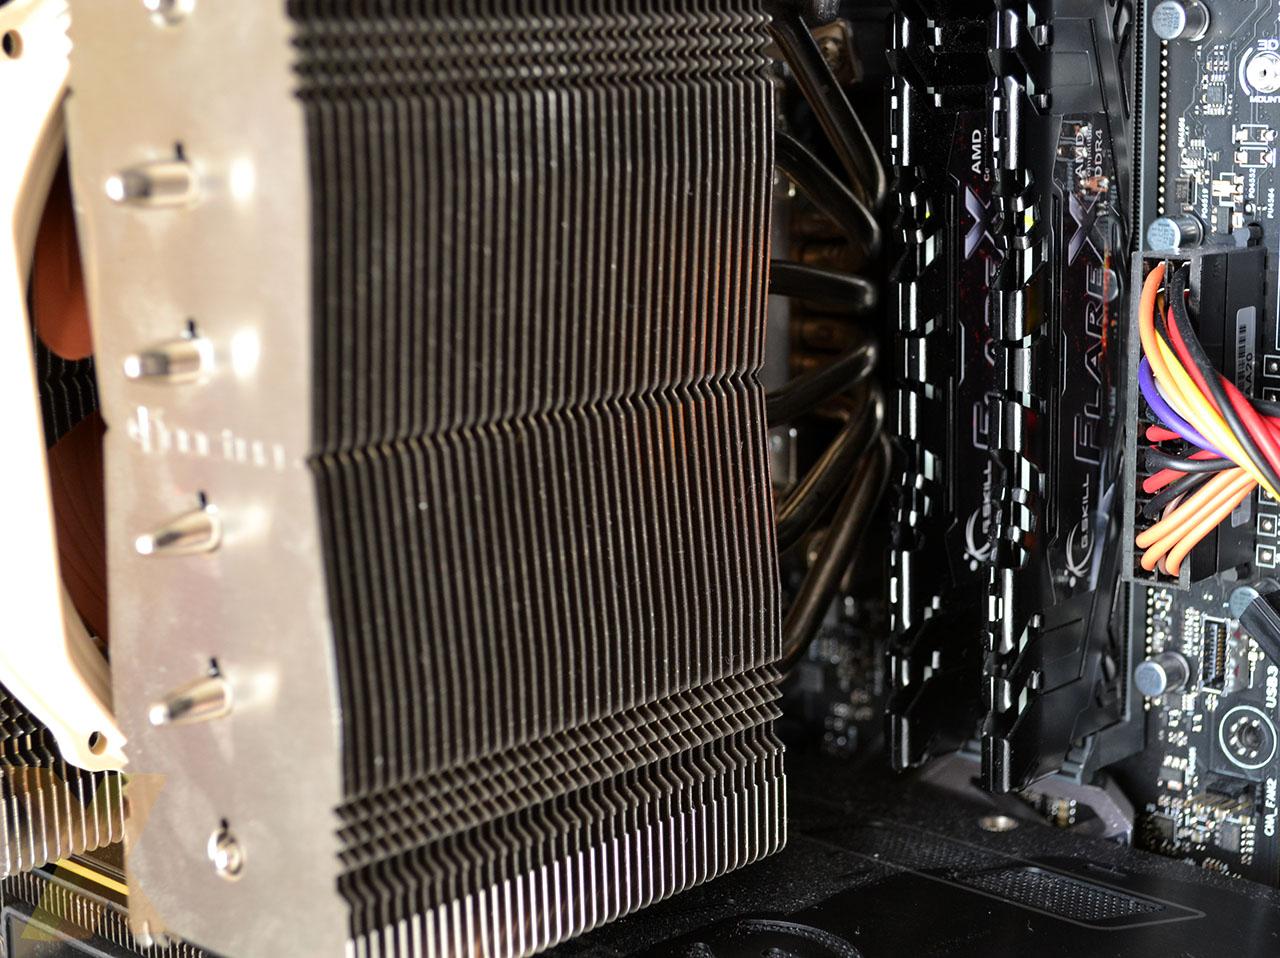 Review: G Skill Flare X 16GB DDR4-3200 (F4-3200C14D-16GFX) - RAM